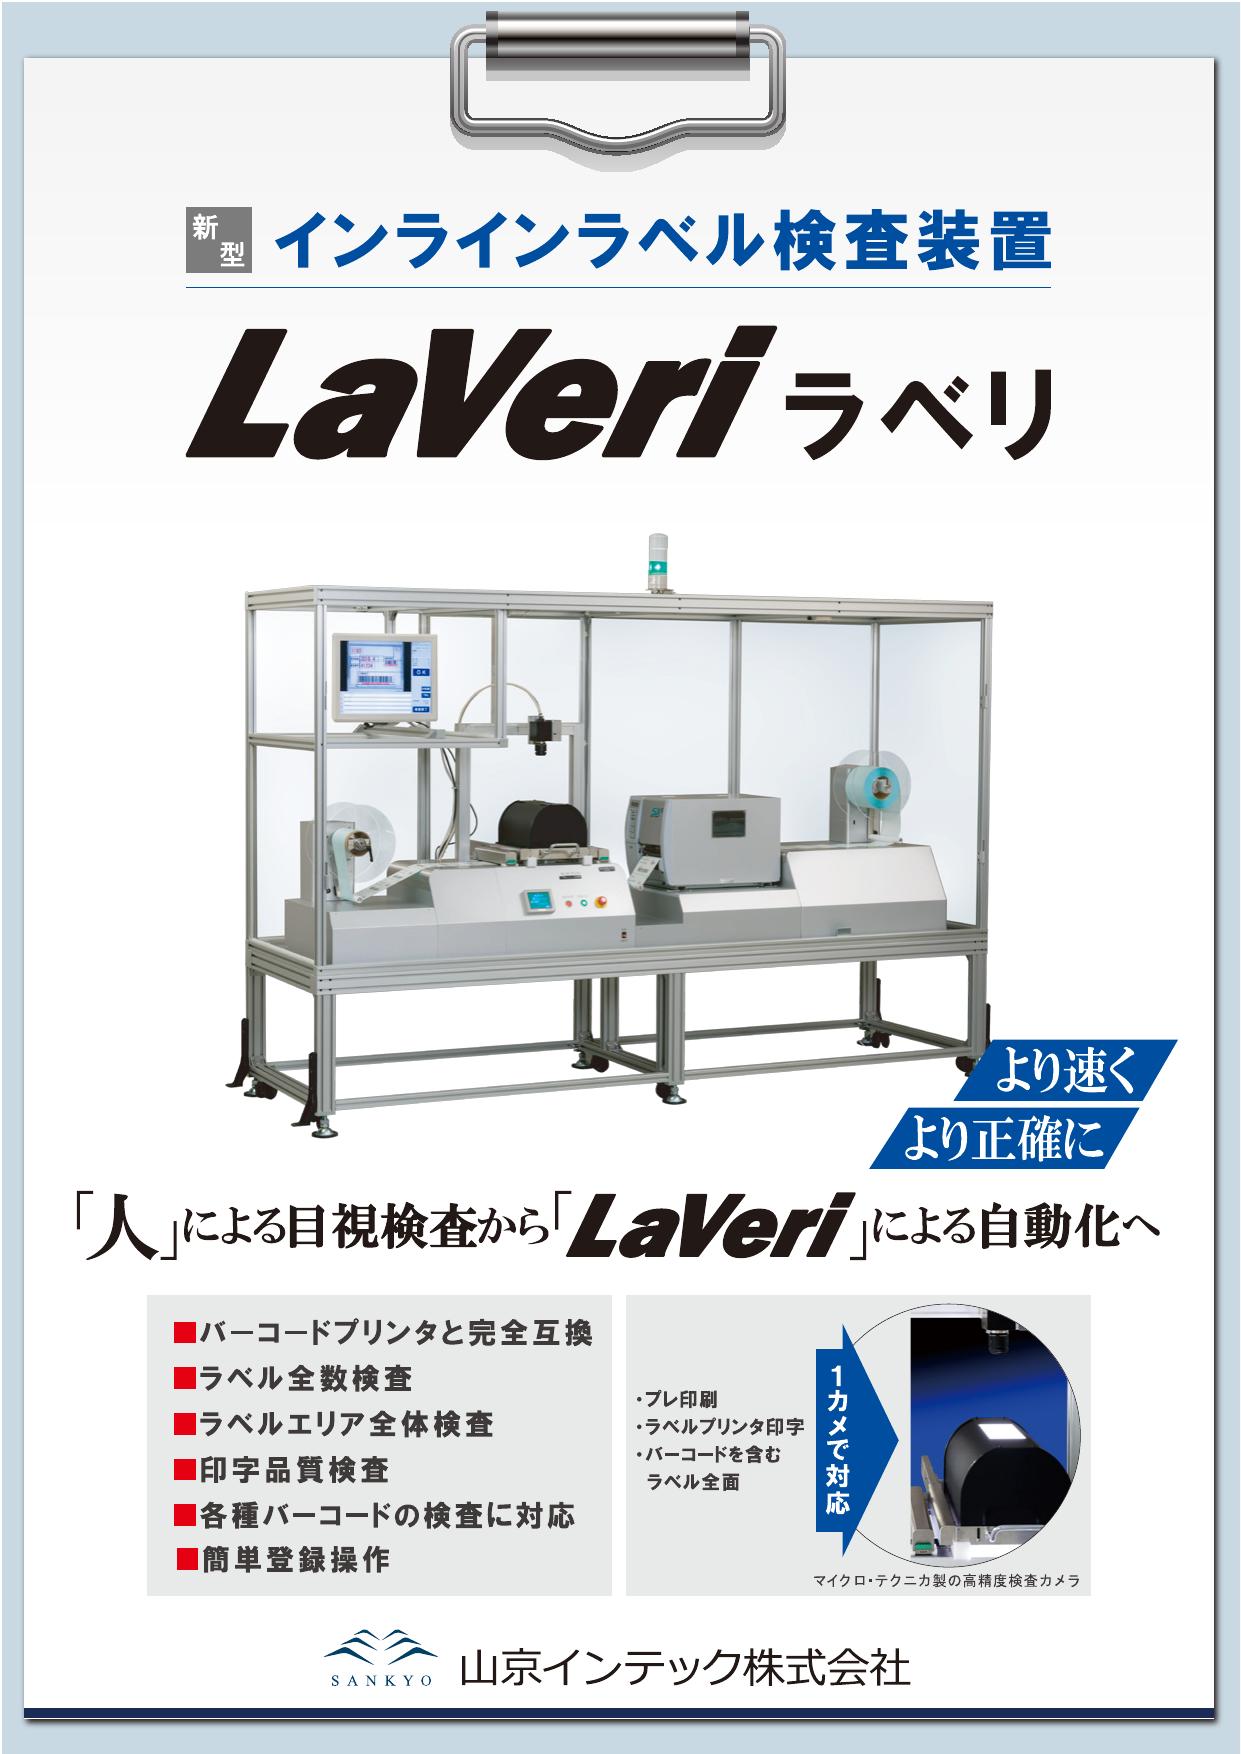 インラインラベル検査装置 LaVeriラベリ